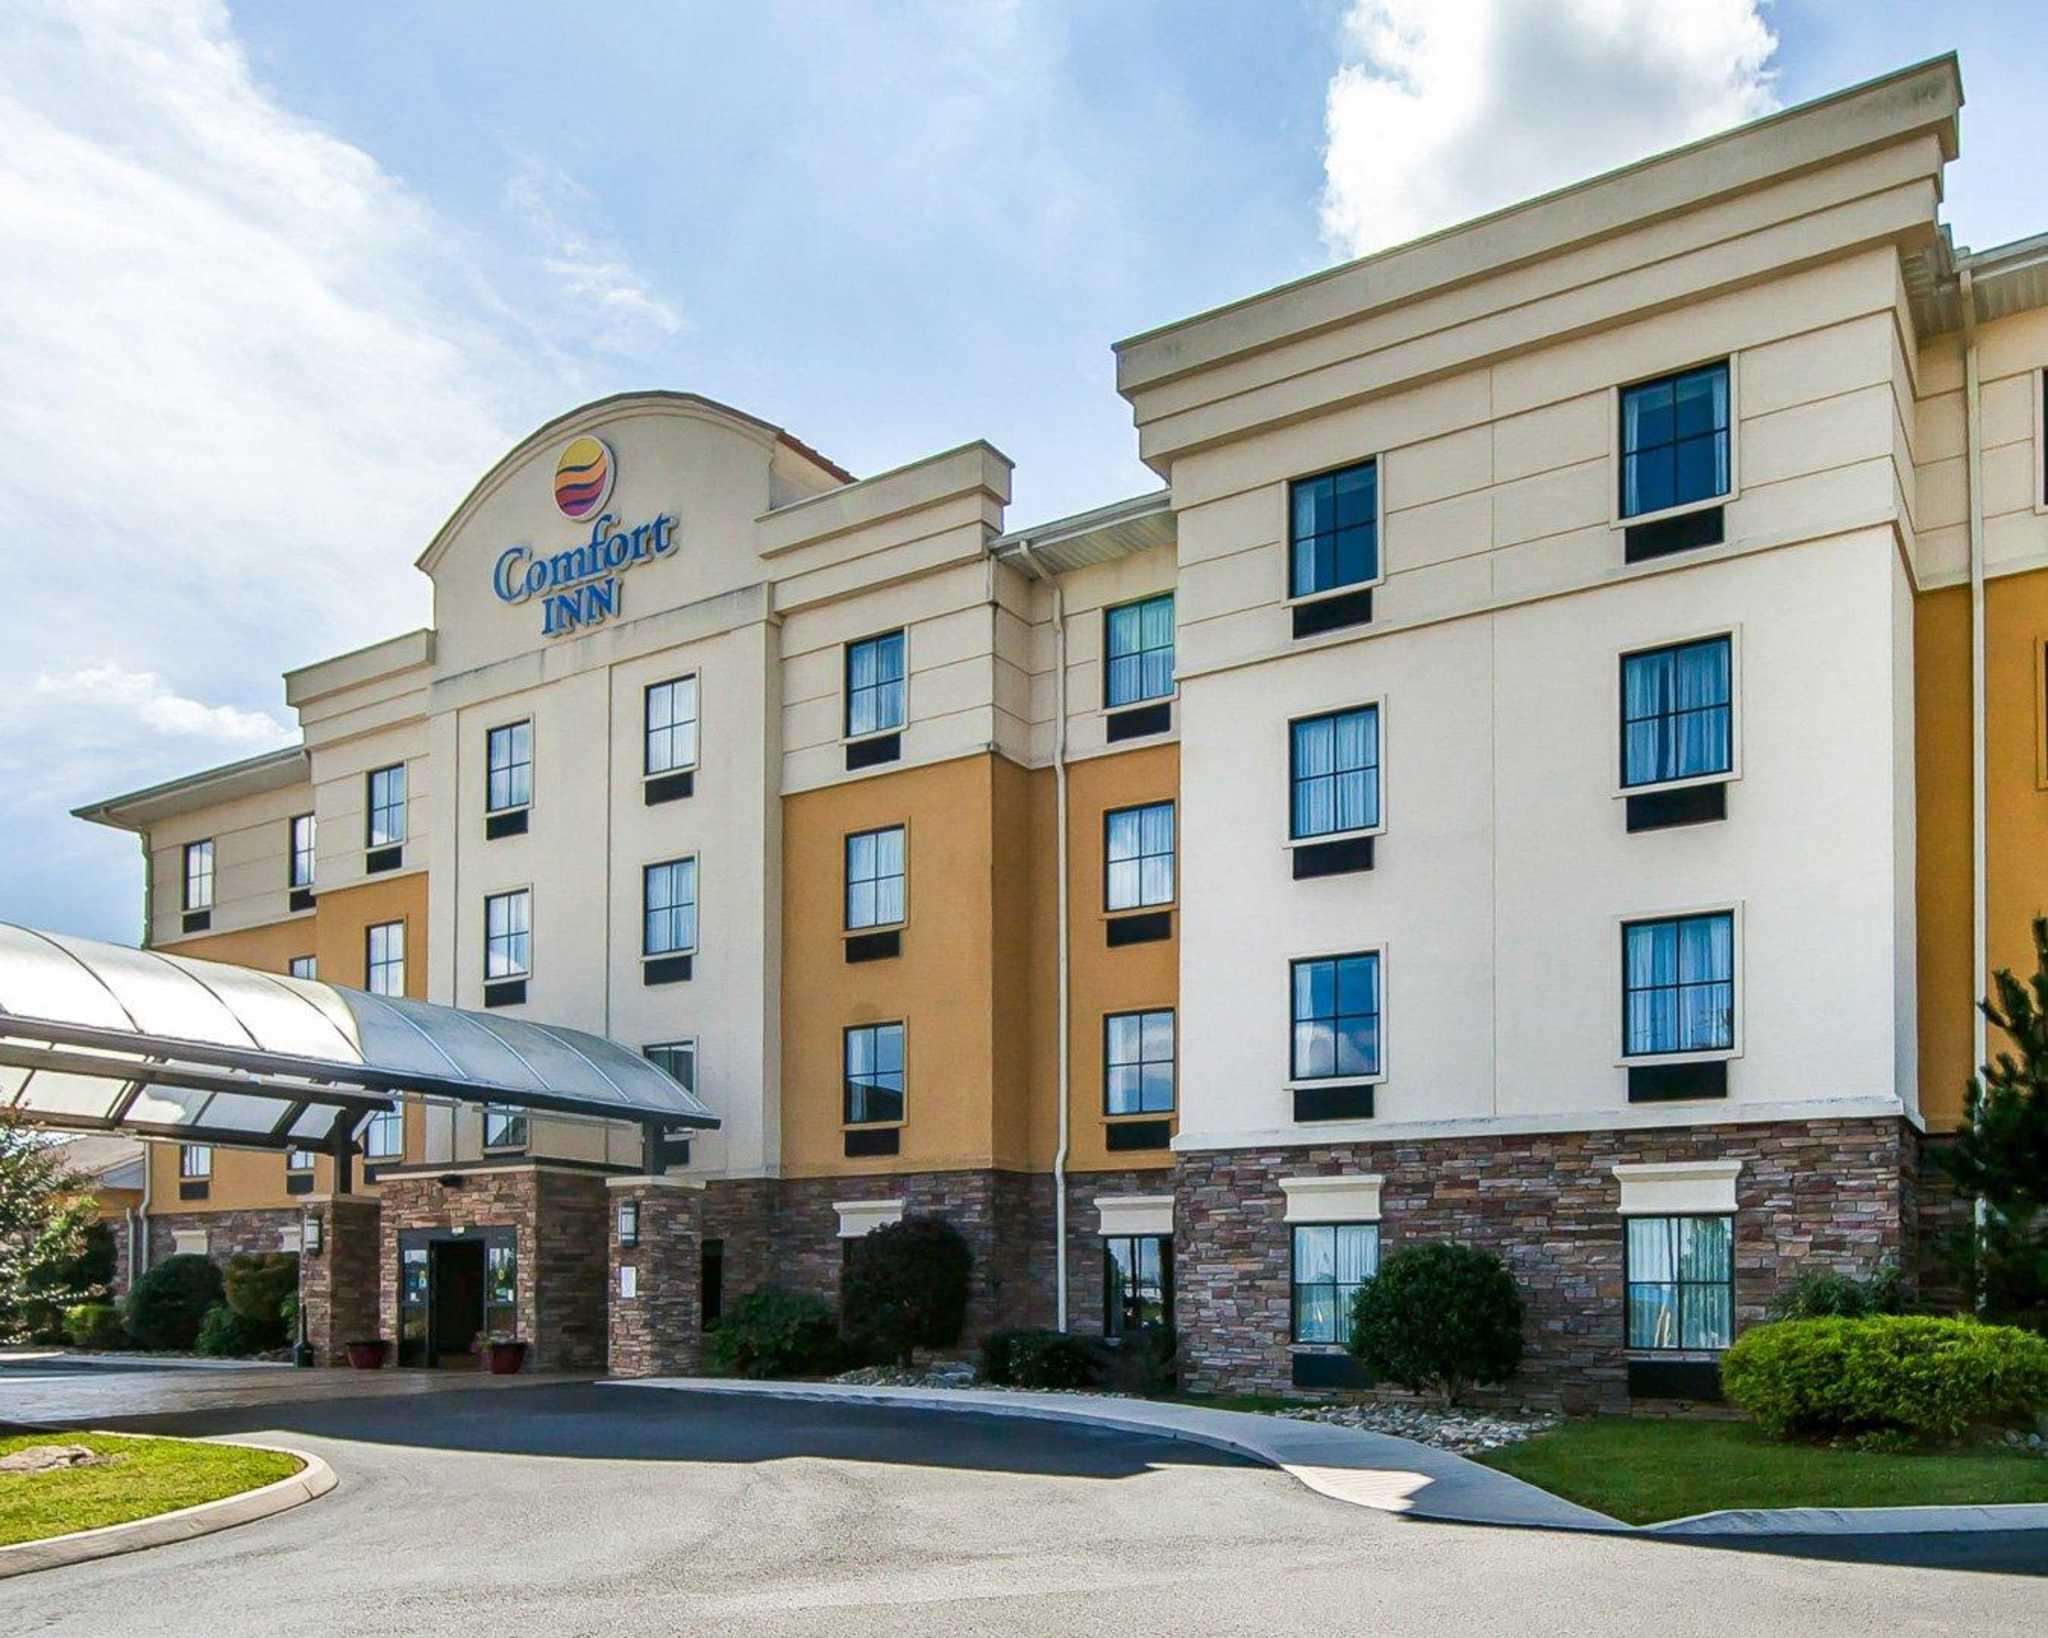 Comfort Inn image 43